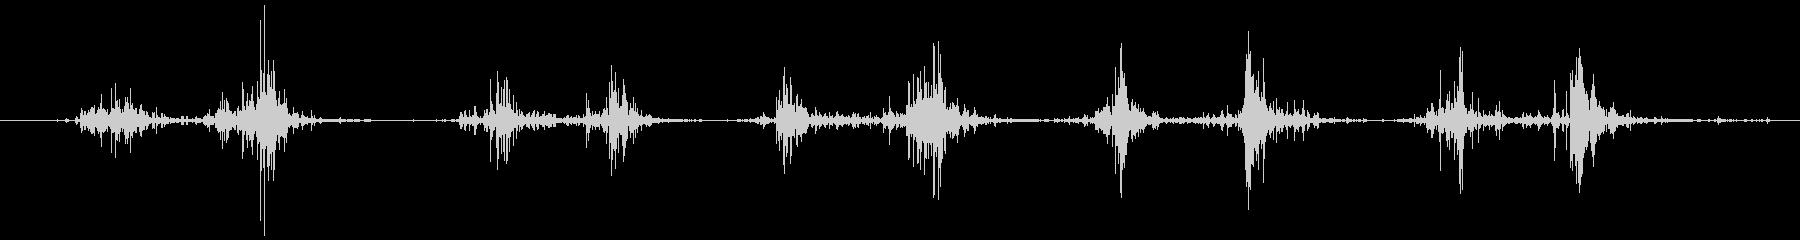 タブレッド菓子を出す音2 ステレオの未再生の波形